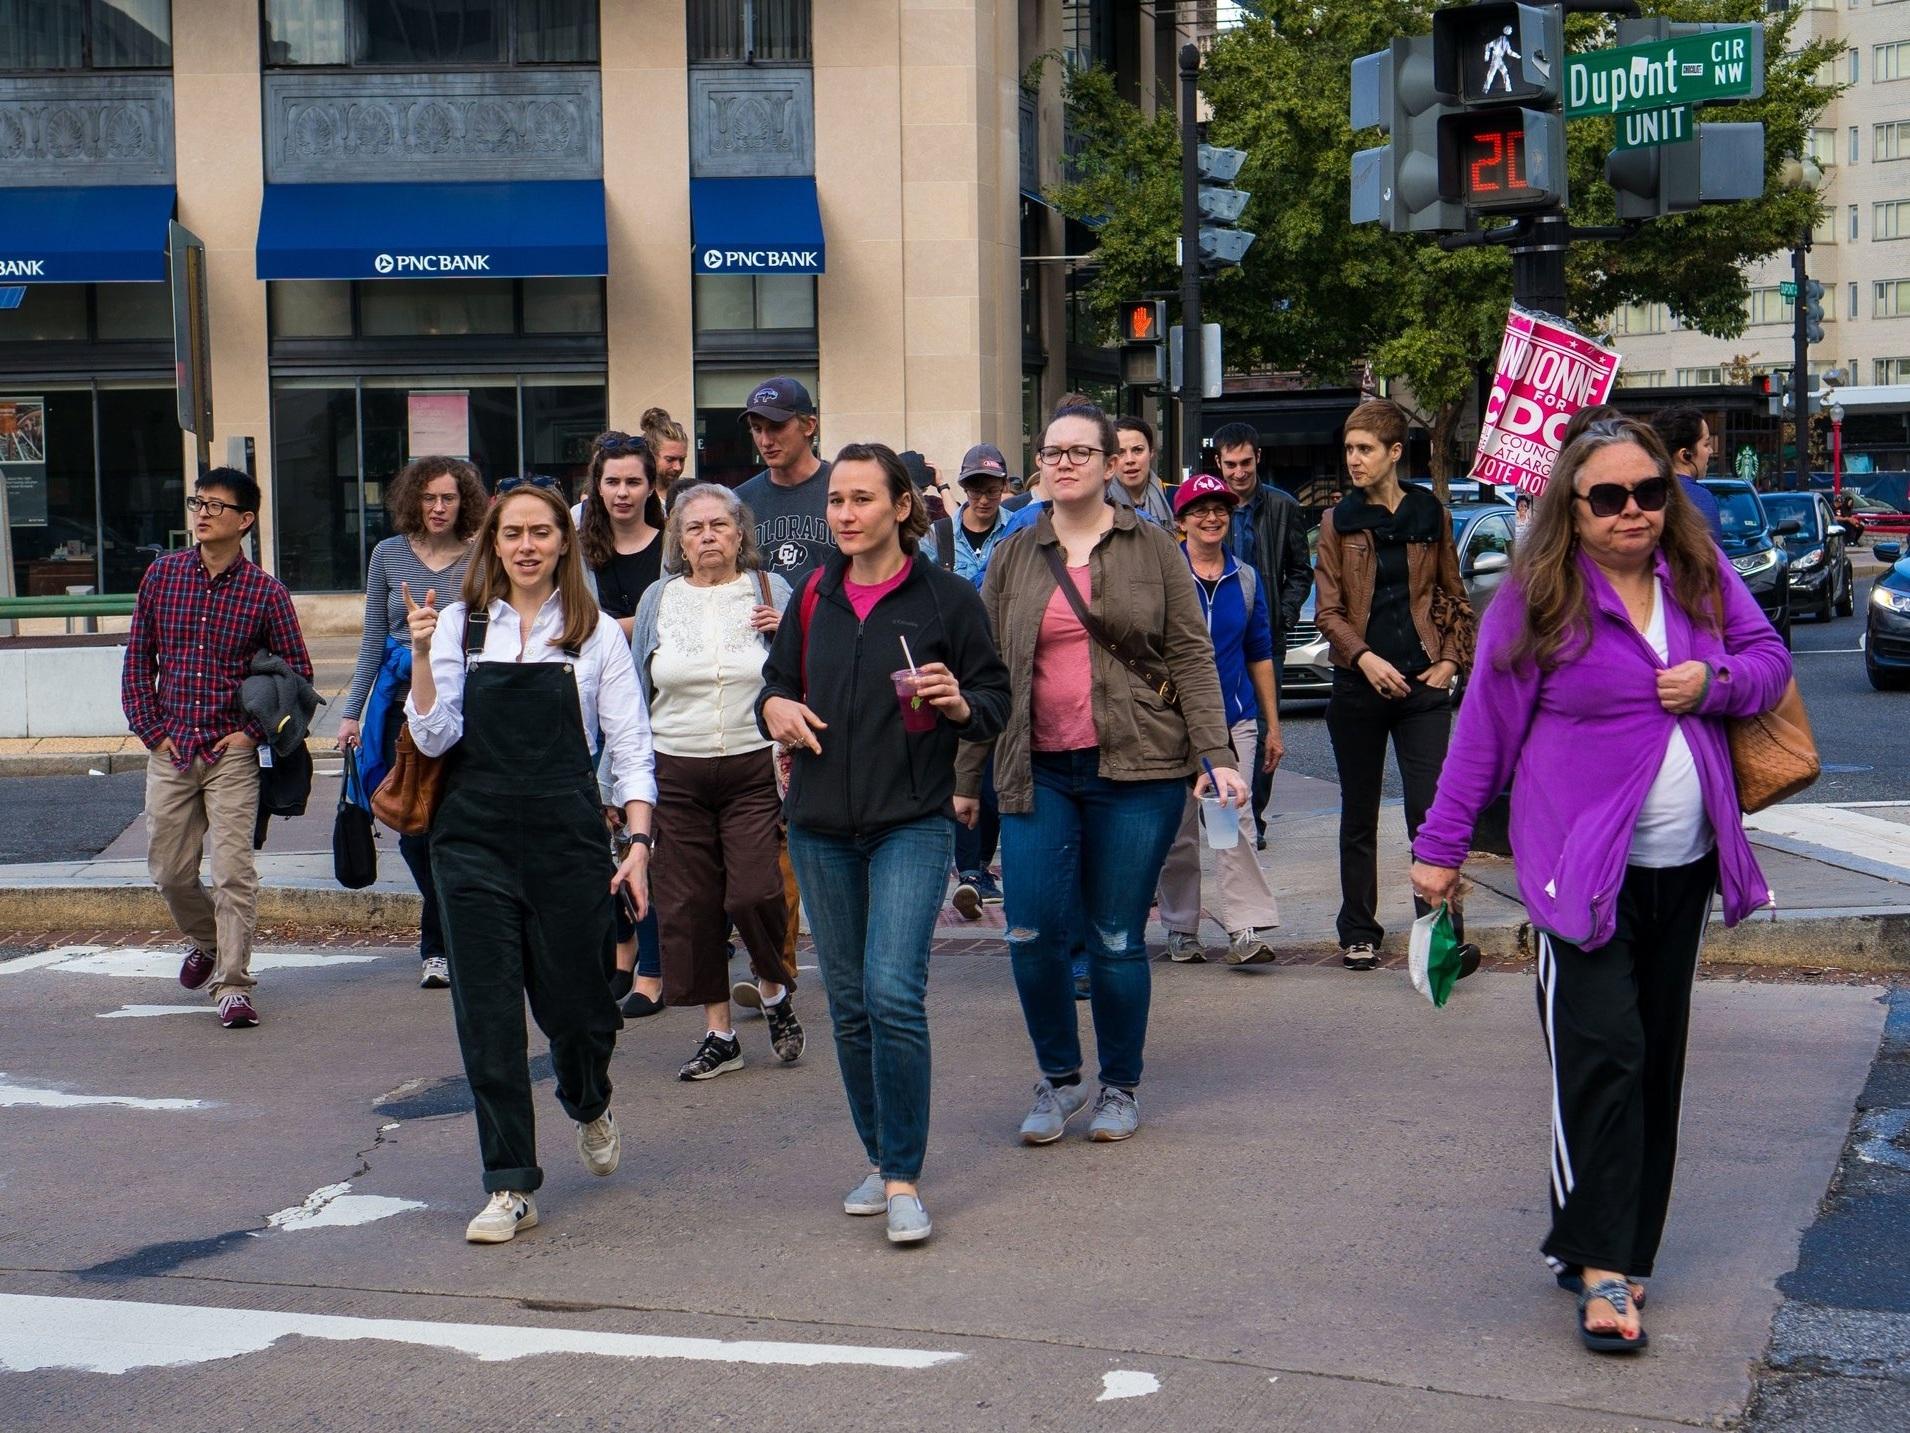 Dupont Walking tour. (Photo by Eleni Maltagliati)